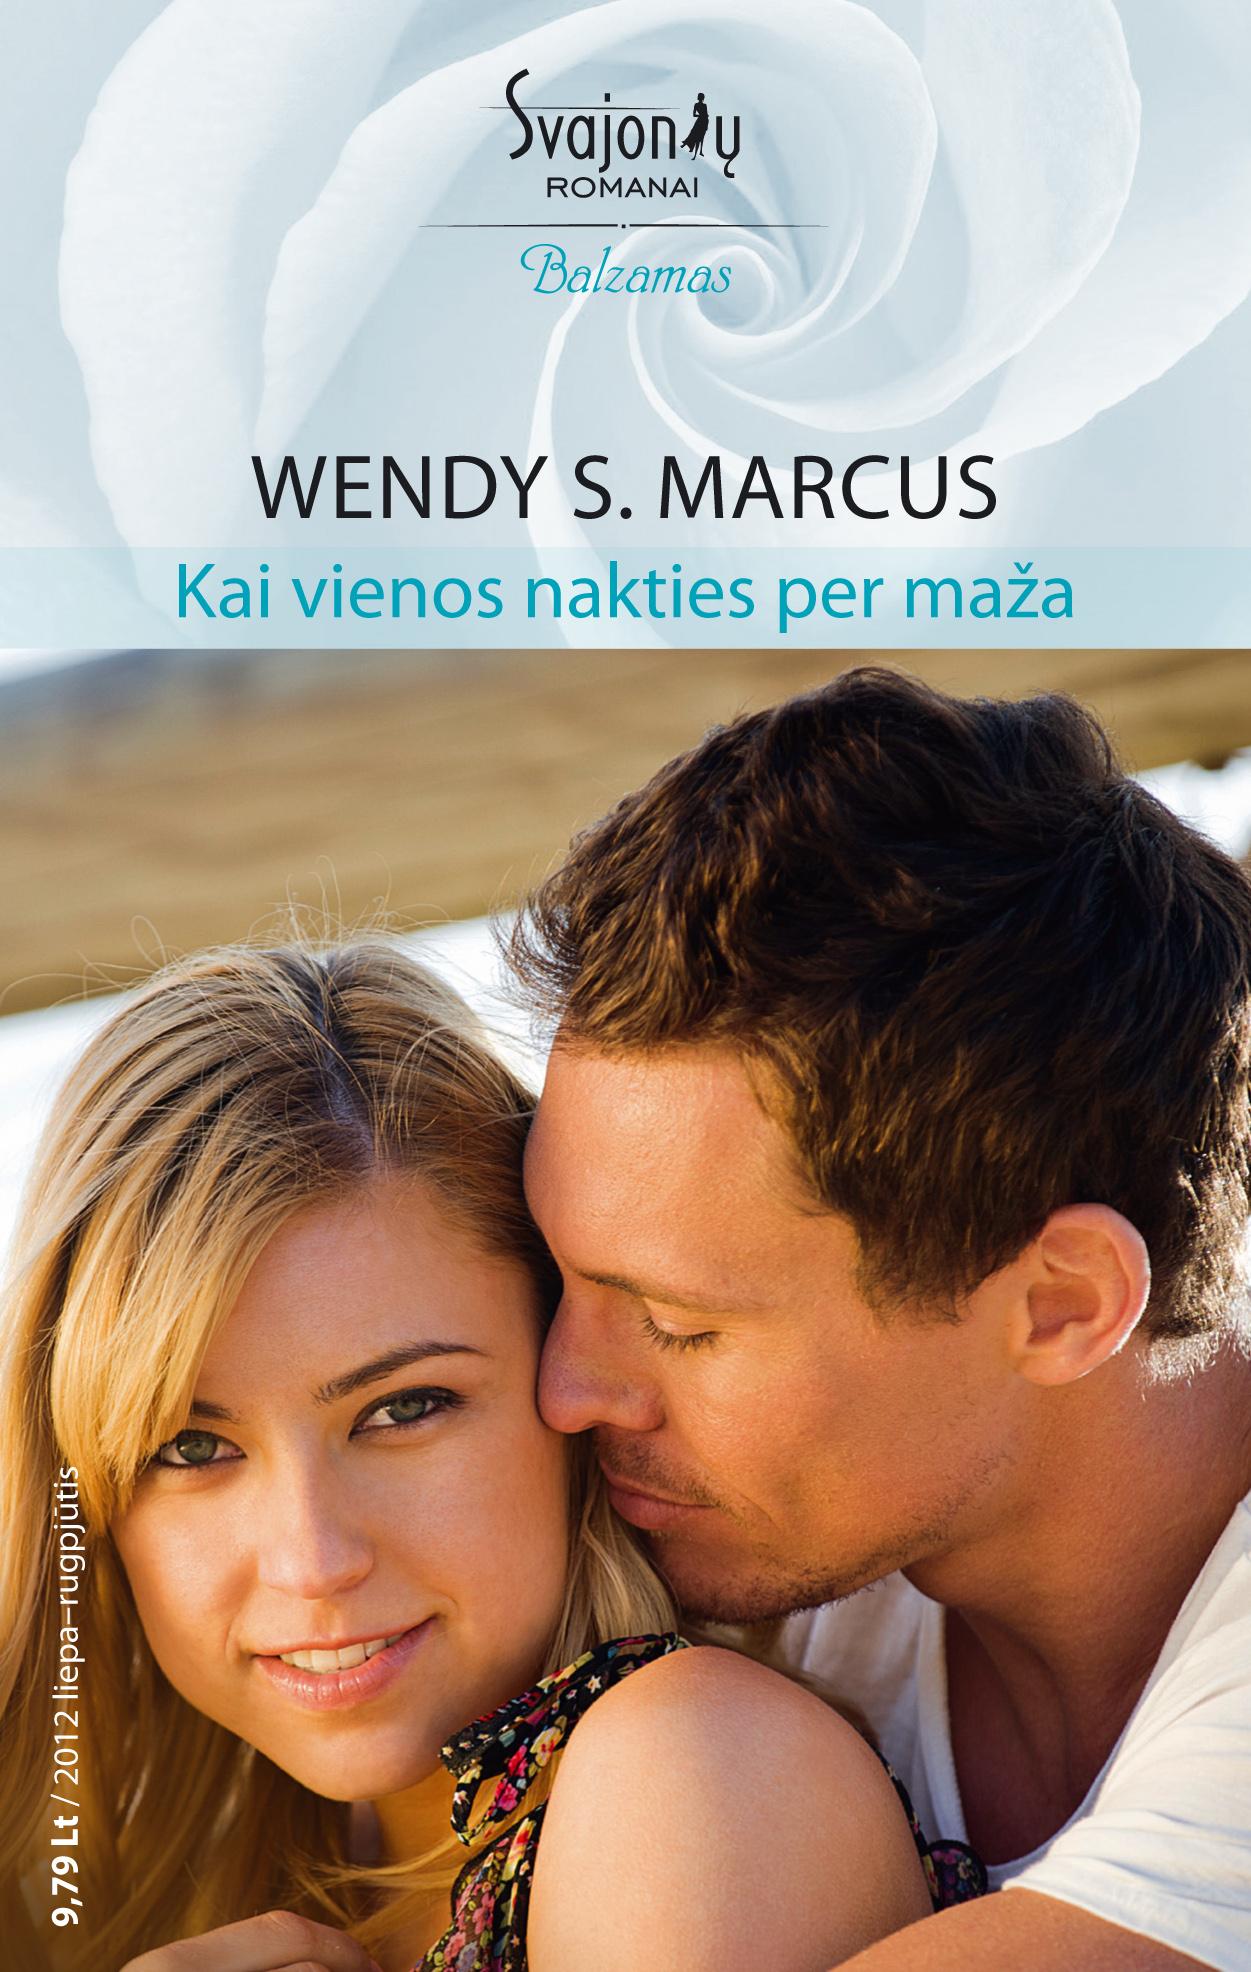 Wendy S. Marcus Kai vienos nakties per maža at26df321 su